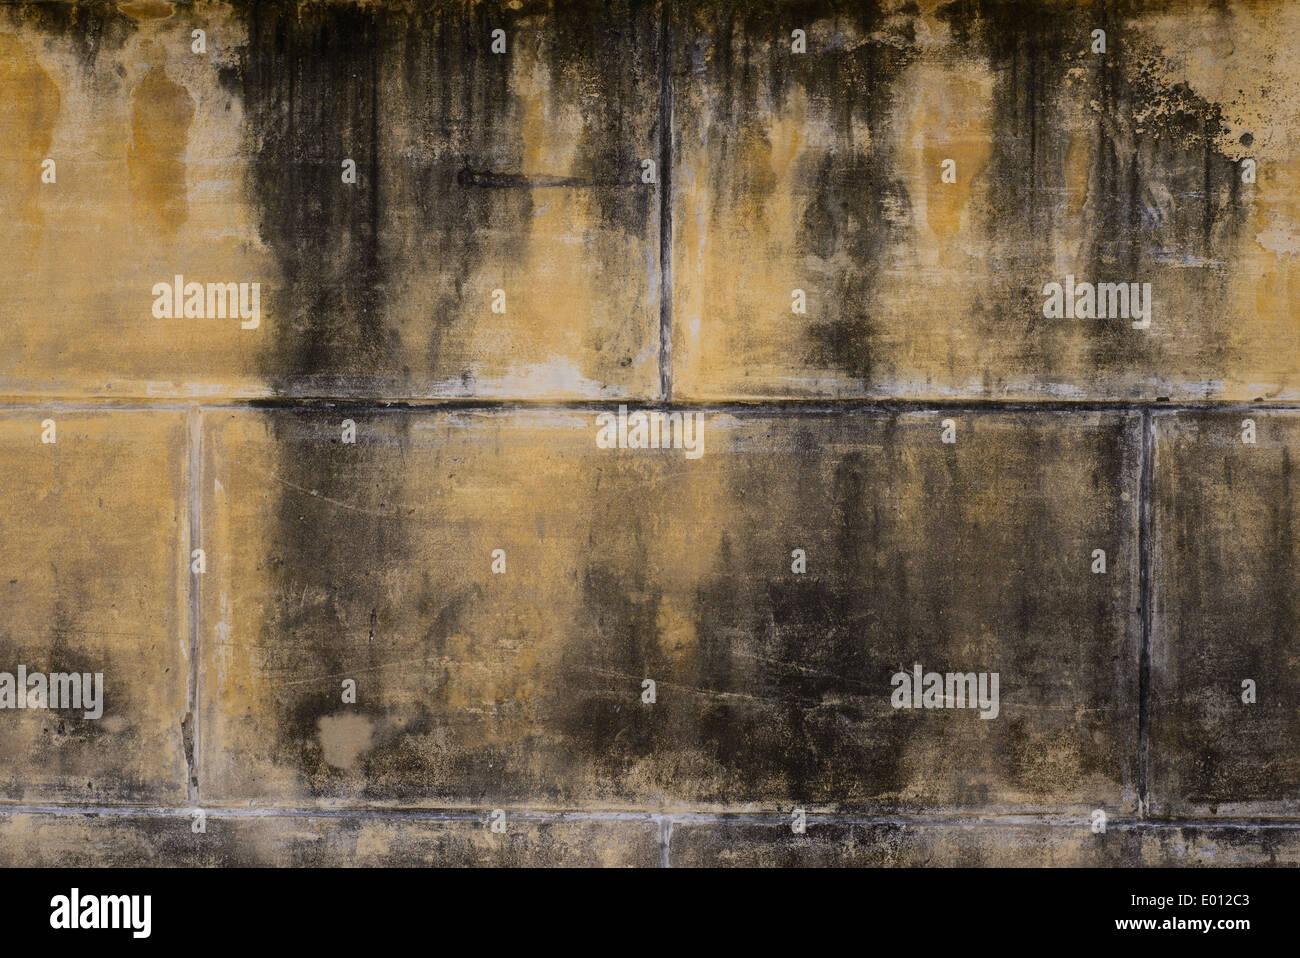 vieux mur arri re plan la lumi re jaune moutarde avec la moisissure noire mur mur de ciment. Black Bedroom Furniture Sets. Home Design Ideas